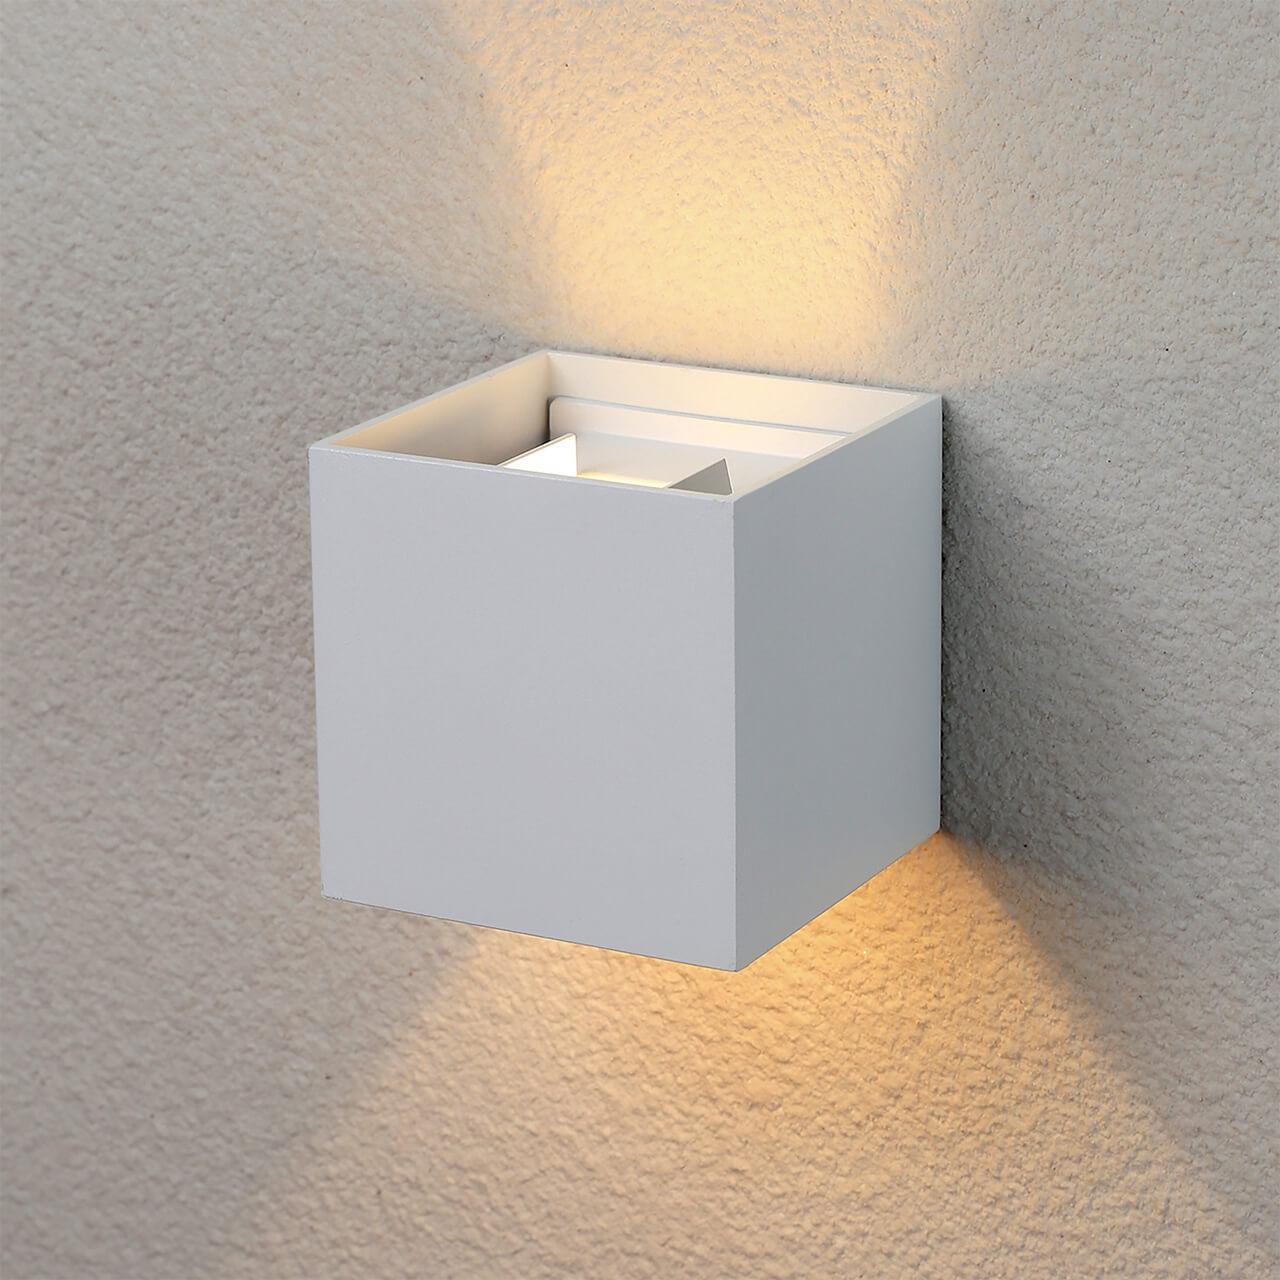 Уличный светильник Elektrostandard 4690389106286, LED уличный настенный светодиодный светильник elektrostandard 4690389086137